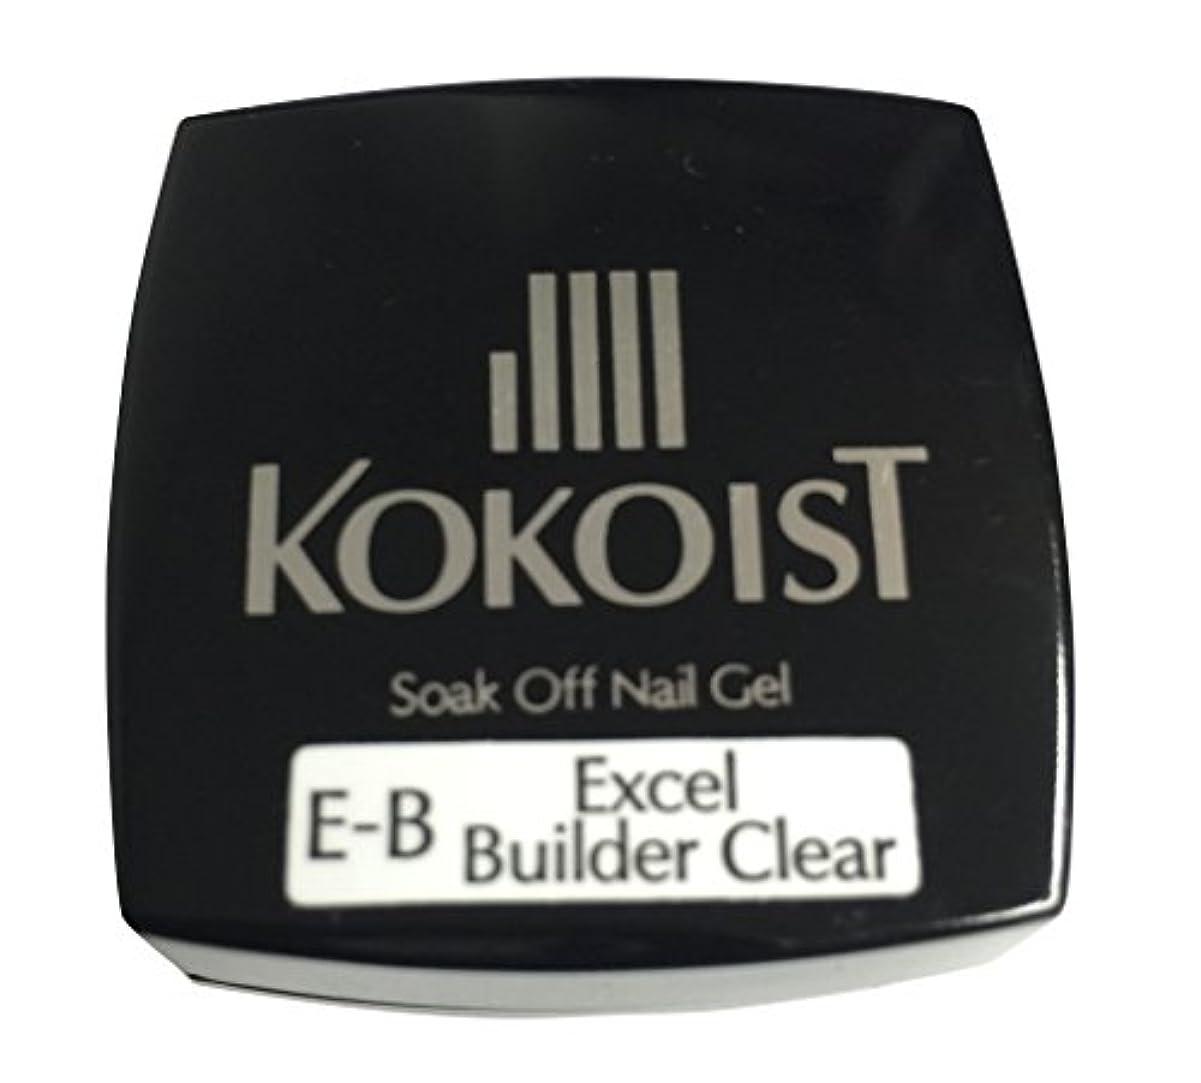 トリクルあそこ自伝KOKOIST(ココイスト) ソークオフクリアジェル エクセルビルダー  4g